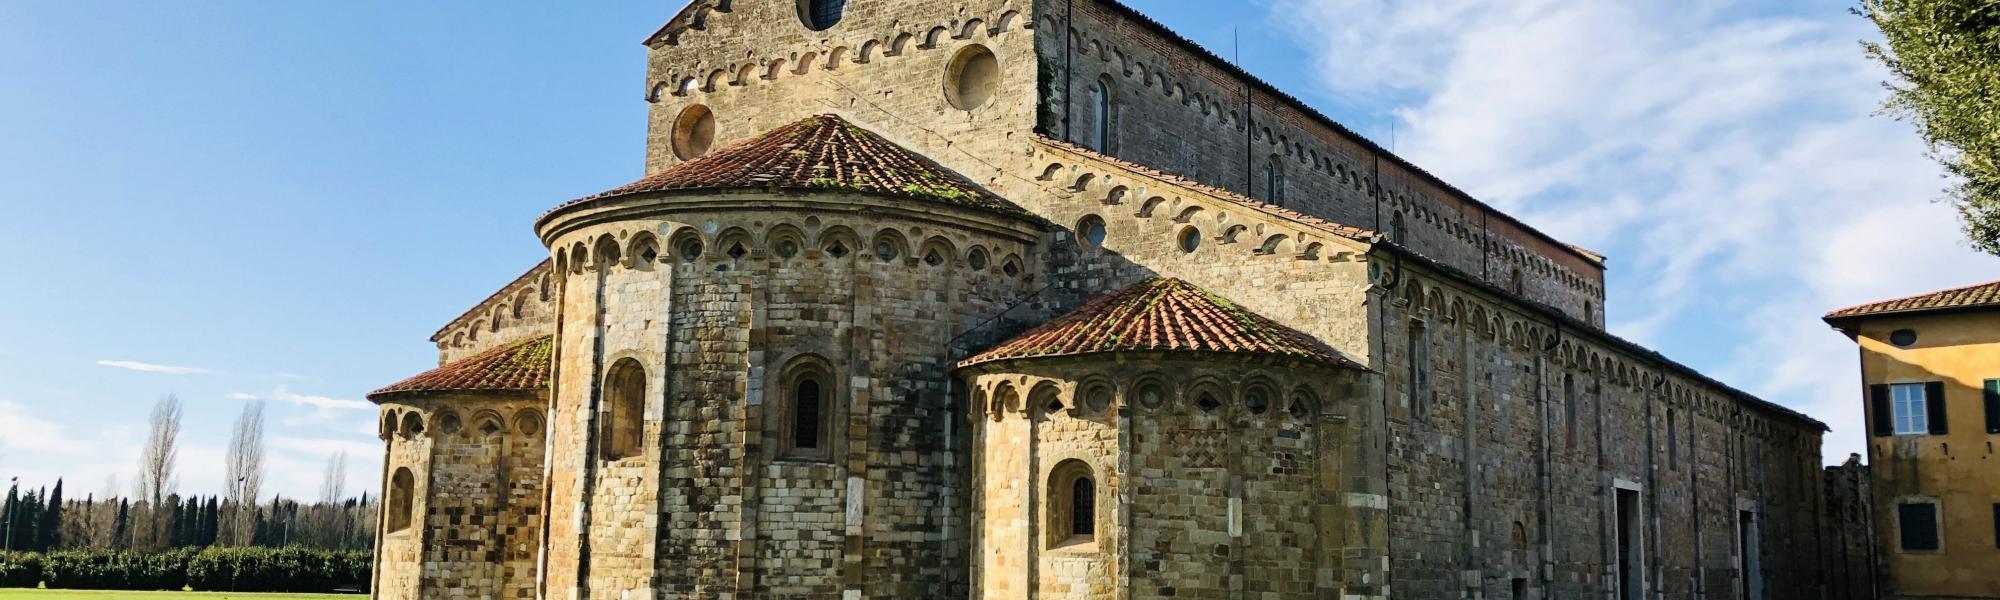 Basilica di San Piero a Grado (G. Bettini, Comune di Pisa